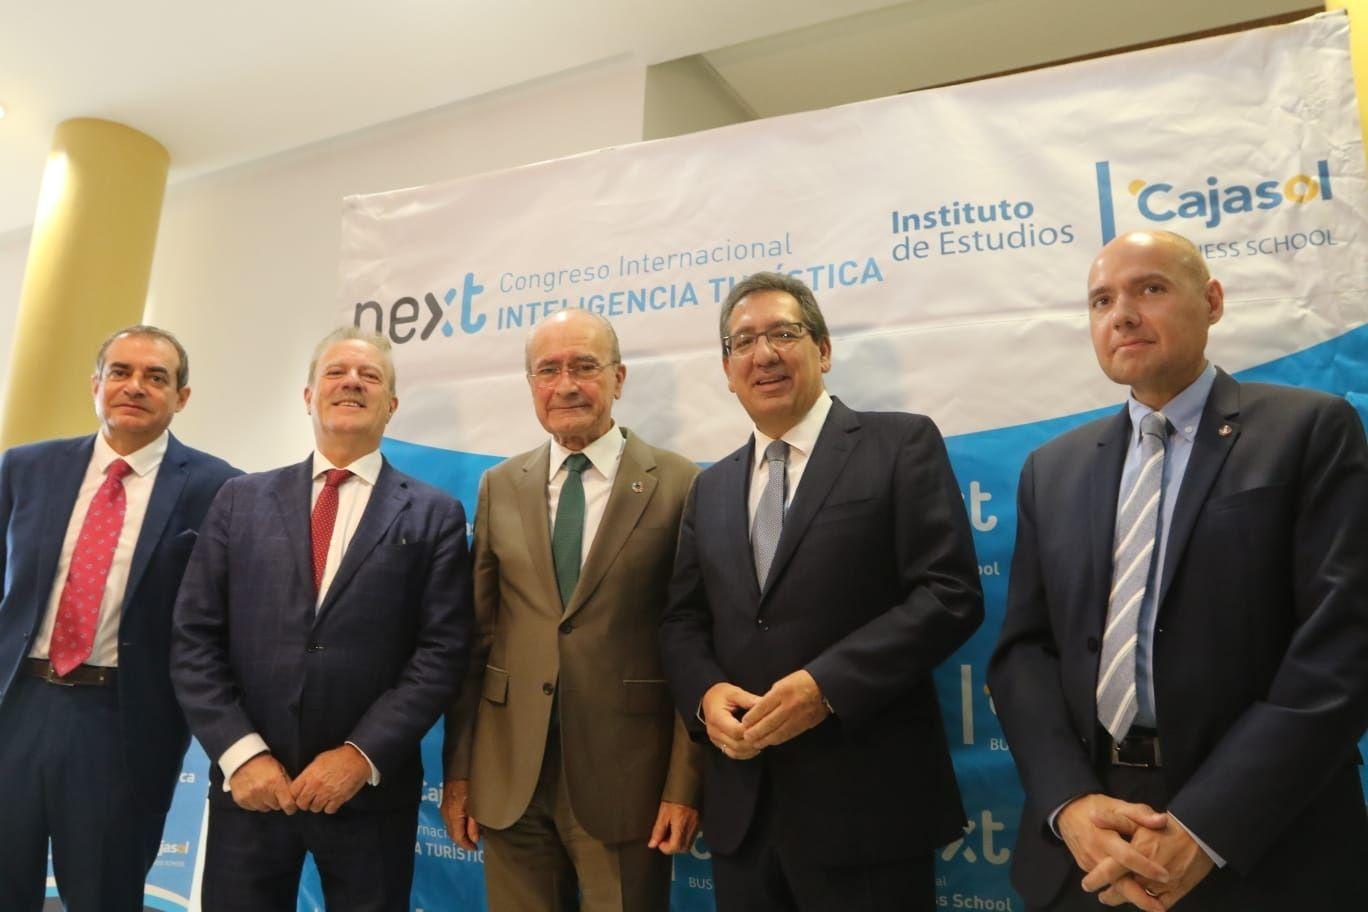 Foto de familia Instituto de Estudios Cajasol